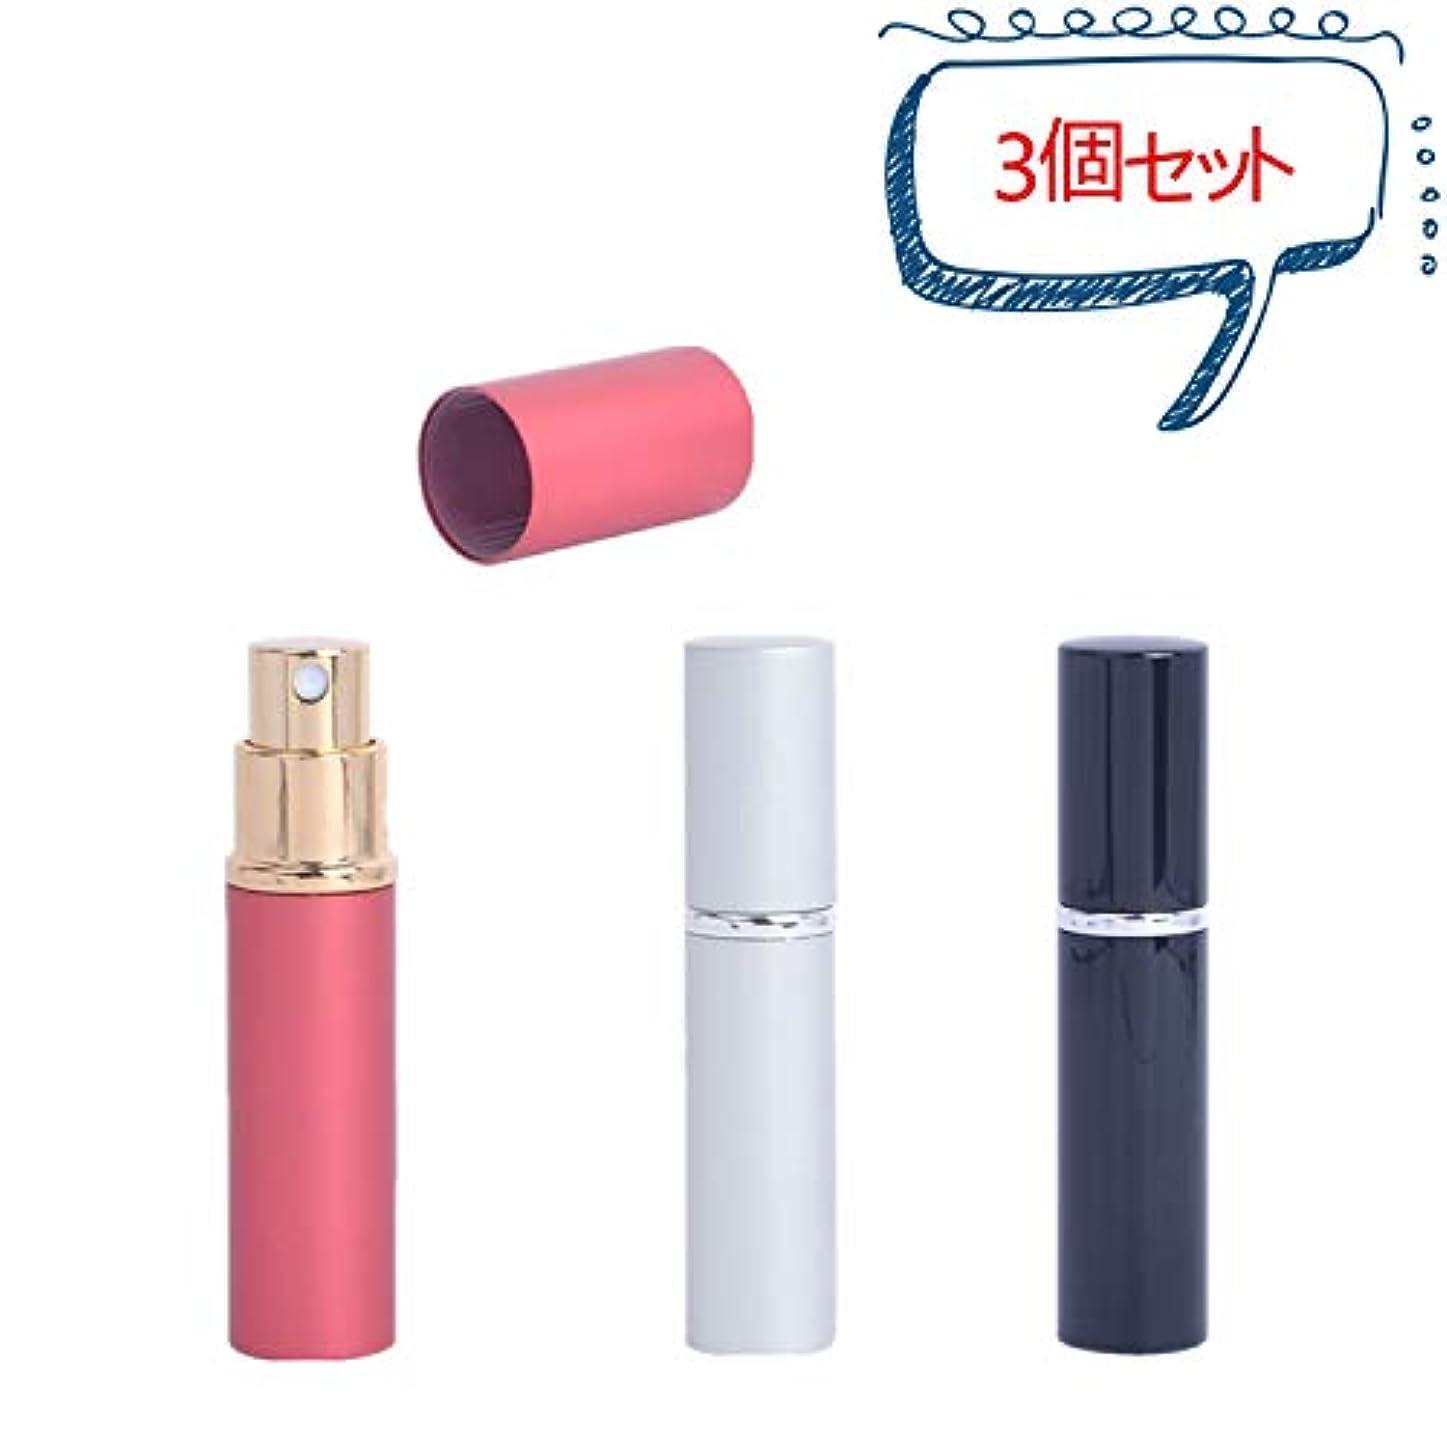 能力換気翻訳[Hordlend] 3個セット アトマイザー 香水ボトル 香水噴霧器 詰め替え容器 旅行携帯用 5ml 3色セットXSP-025